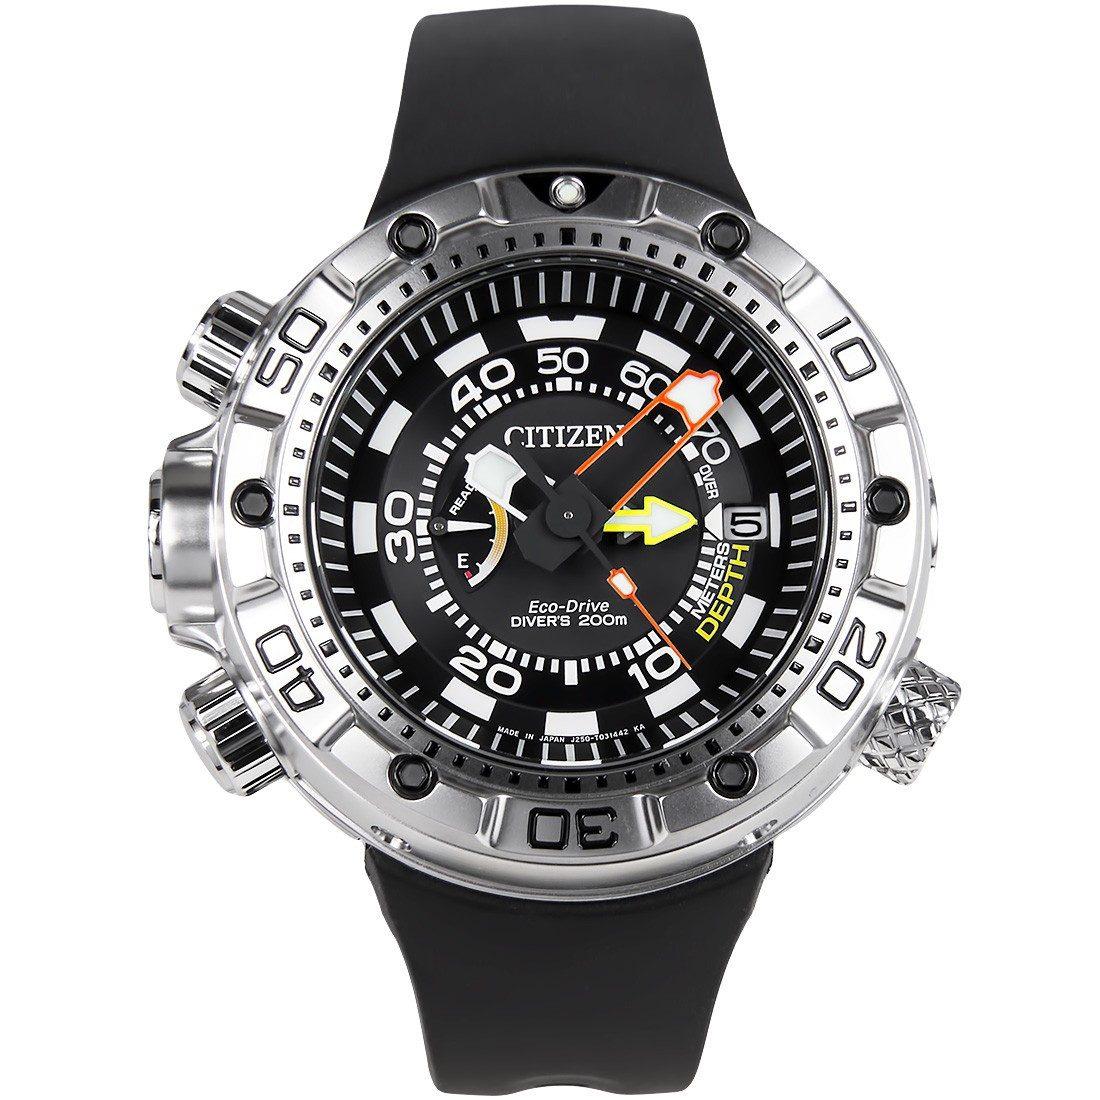 f4dfdfddf6d relógio citizen bn2021 03e orig aqualand eco-drive titanium. Carregando  zoom.